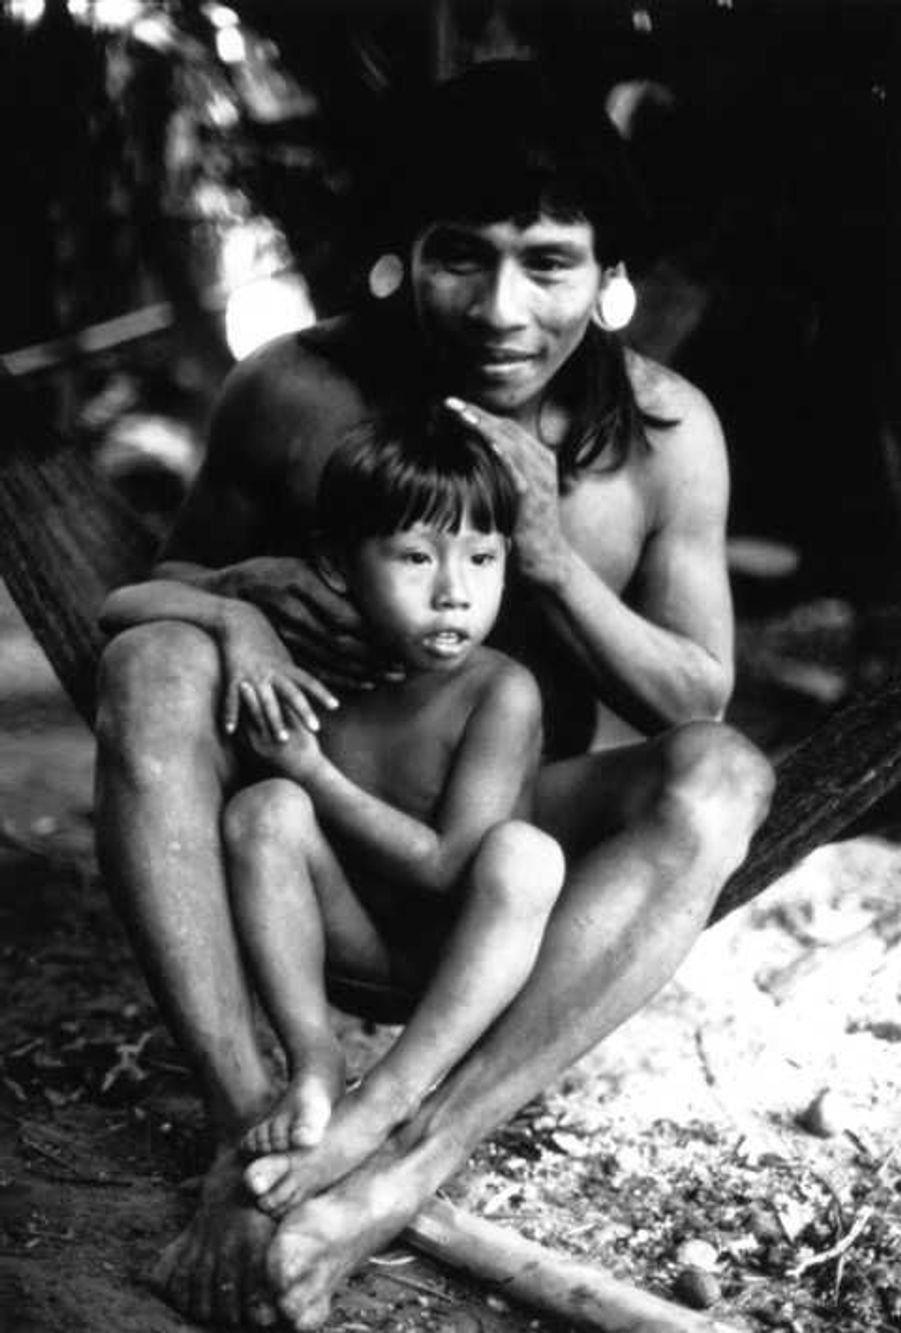 Les Indiens waorani d'Amazonie équatorienne sont connus comme ʻles pères du jaguar' en référence à leurs chamanes qui reçoivent une aide de leurs ʻenfants' jaguars adoptés, leur garantissant ainsi que le gibier ne s'éloignera pas des humains. Le jaguar qui apparaît au chamane dans ses rêves lui révèle qu'il souhaite l'adopter en tant que père. Bien que la plupart des Waorani vivent désormais dans des villages sédentaires, d'autres groupes restent isolés dans le parc national Yasuni et ses environs. Nous ressentons que nous sommes un peuple en voie de disparition, nous a confié Ehenguime Enqueri Niwa, le porte-parole des Waorani. Depuis des siècles, les Waorani ont défendu leurs territoires, mais aujourd'hui les plus grandes menaces auxquelles ils sont confrontés sont l'exploitation pétrolière, forestière et minière. Qu'adviendra-t-il de nos enfants quand ils seront grands ? Où vivront-ils ?Les Waorani ont été contactés dans les années 1950 par des missionnaires évangélistes américains. Le père d'Enqueri a été l'un des premiers membres de sa tribu à les avoir rencontrés.